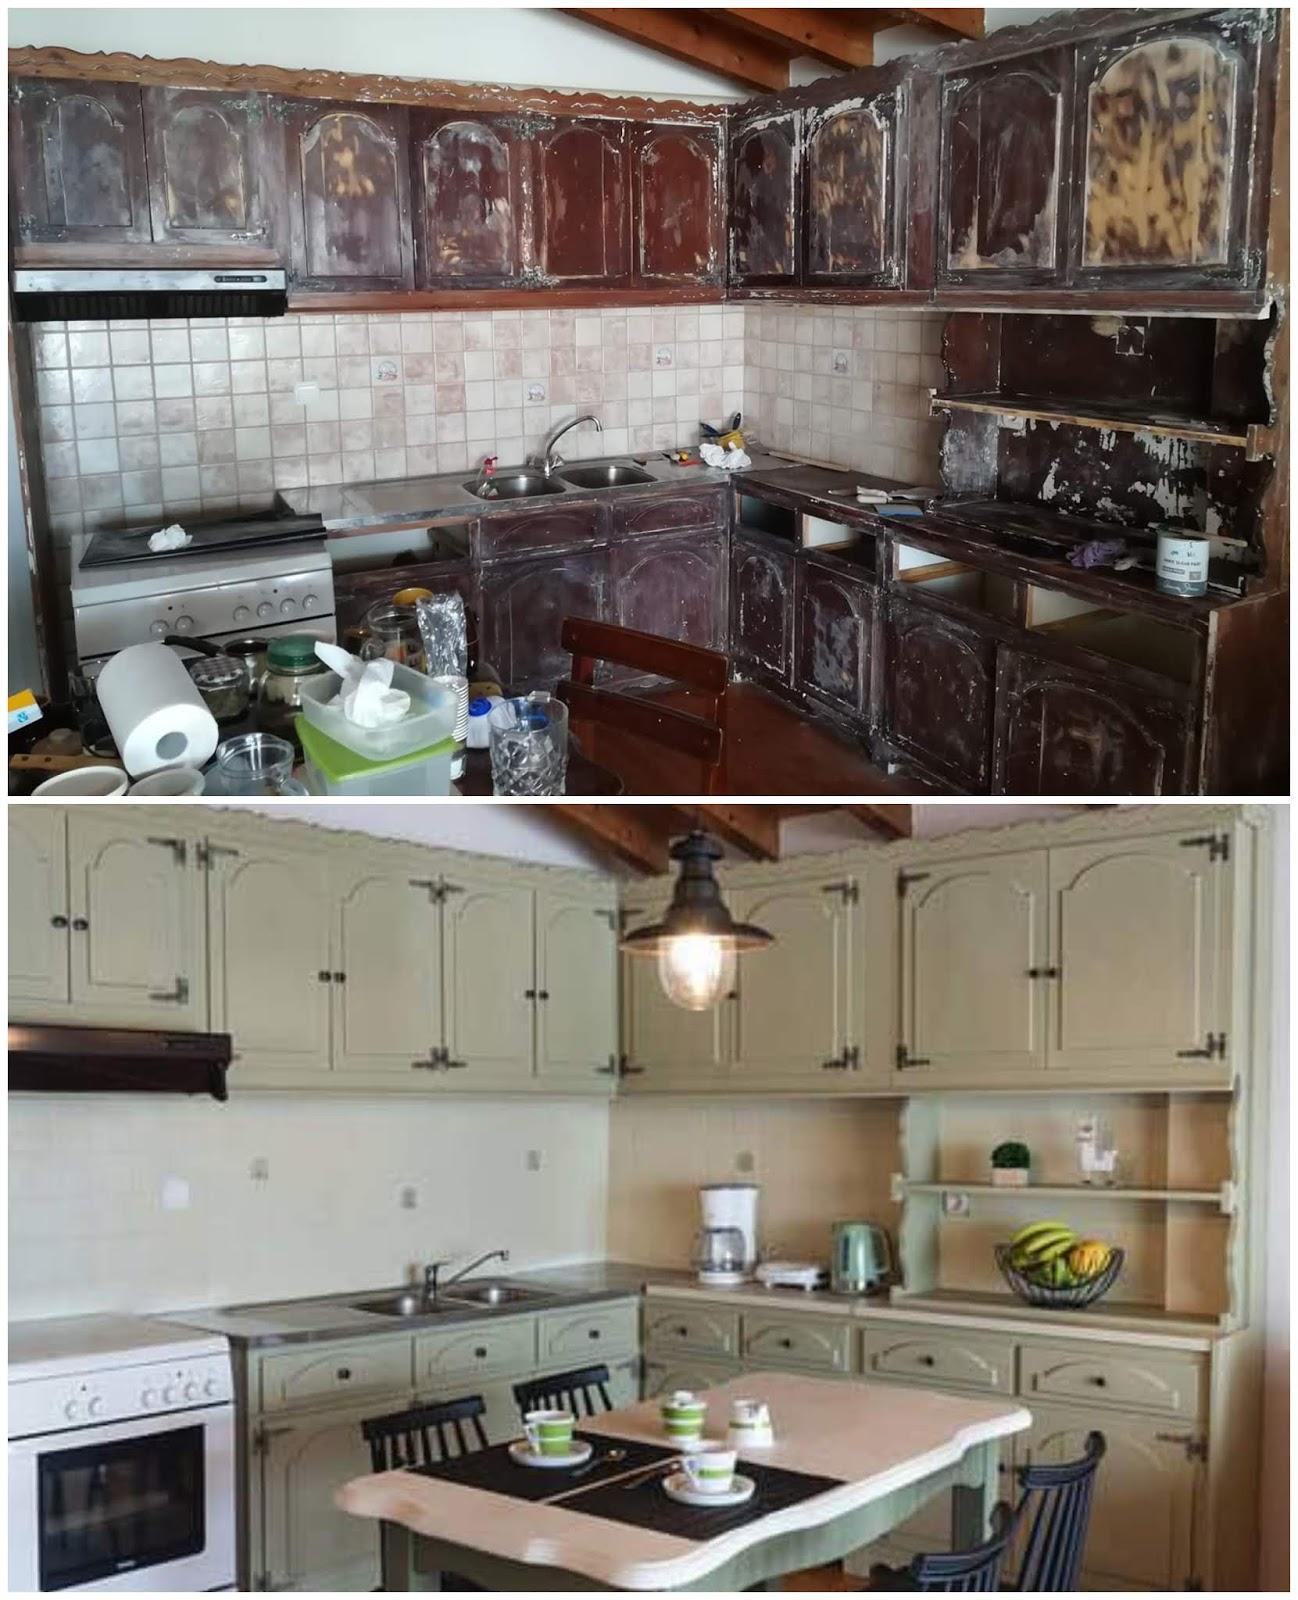 Αφιέρωμα: Κουζίνα! Έλα στην κουζίνα, βάζω καφέ! 4 Annie Sloan Greece